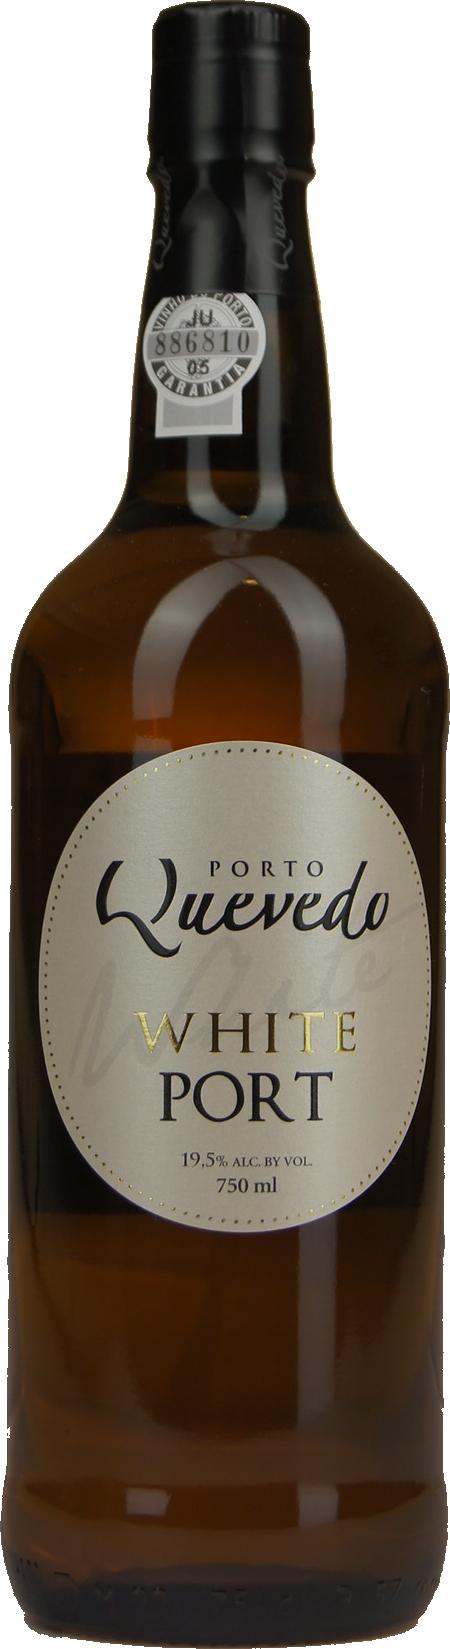 Quevedo White